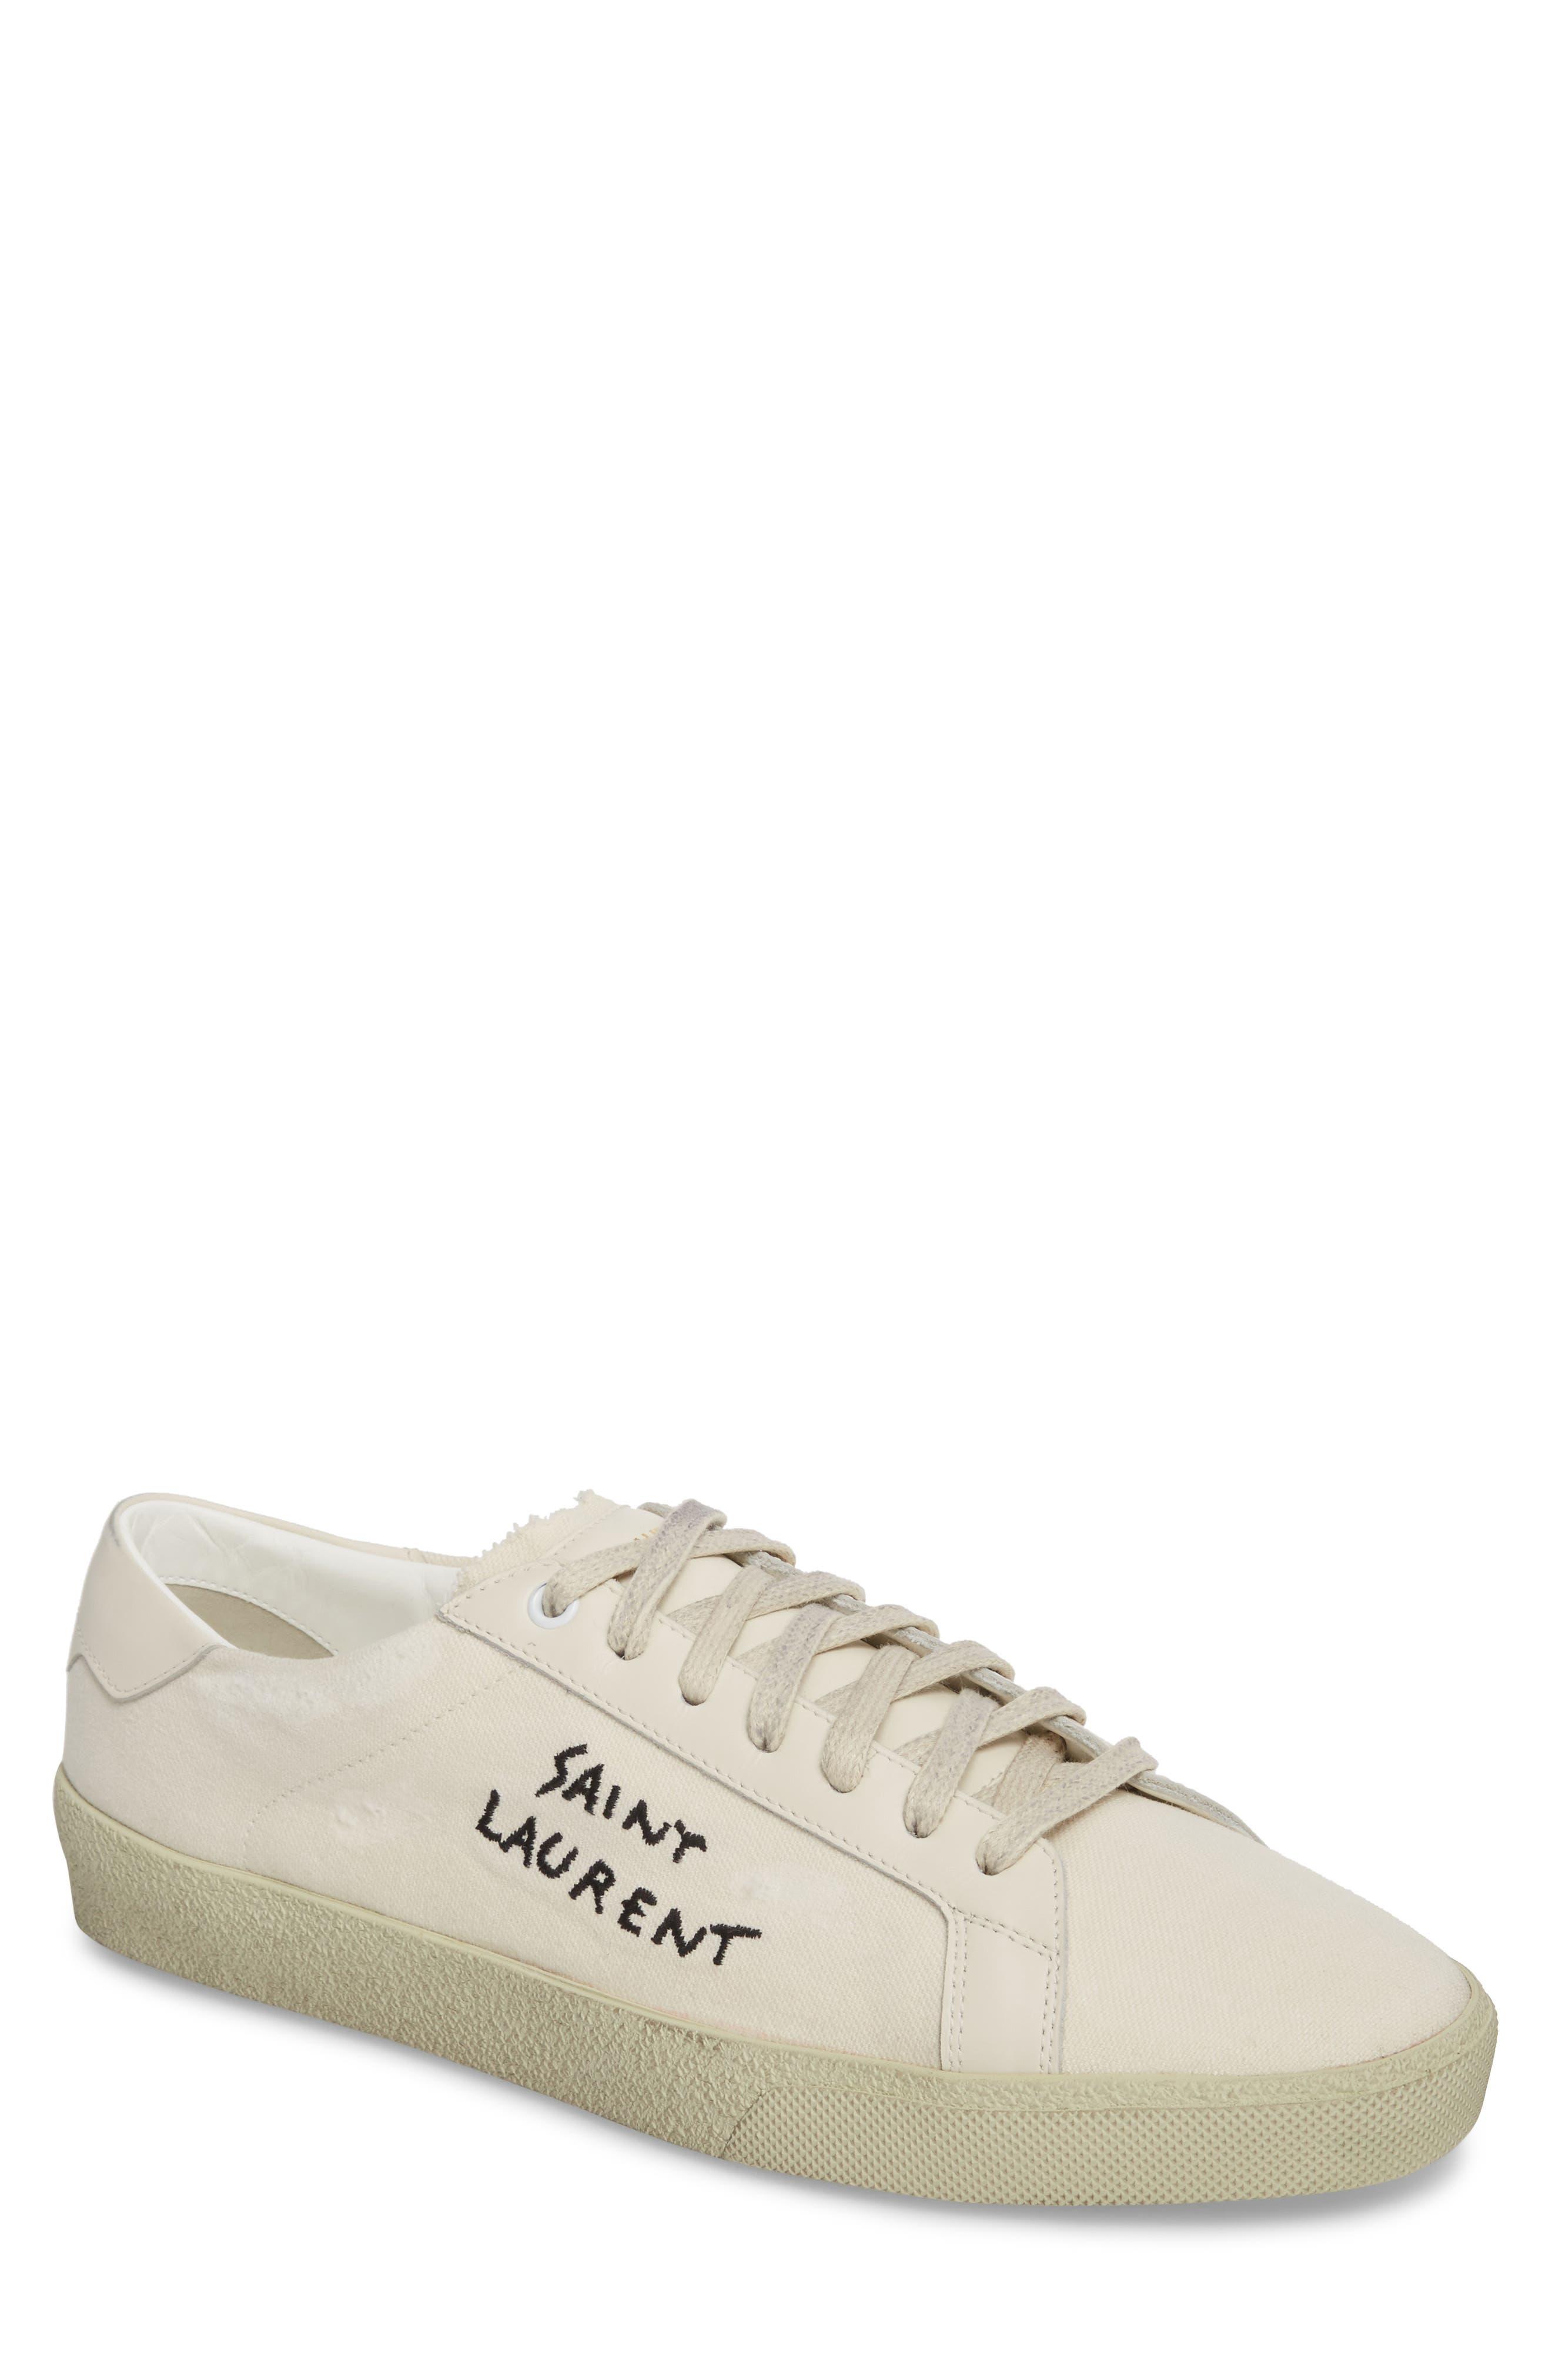 Saint Laurent Embroidered Low Top Sneaker (Men)